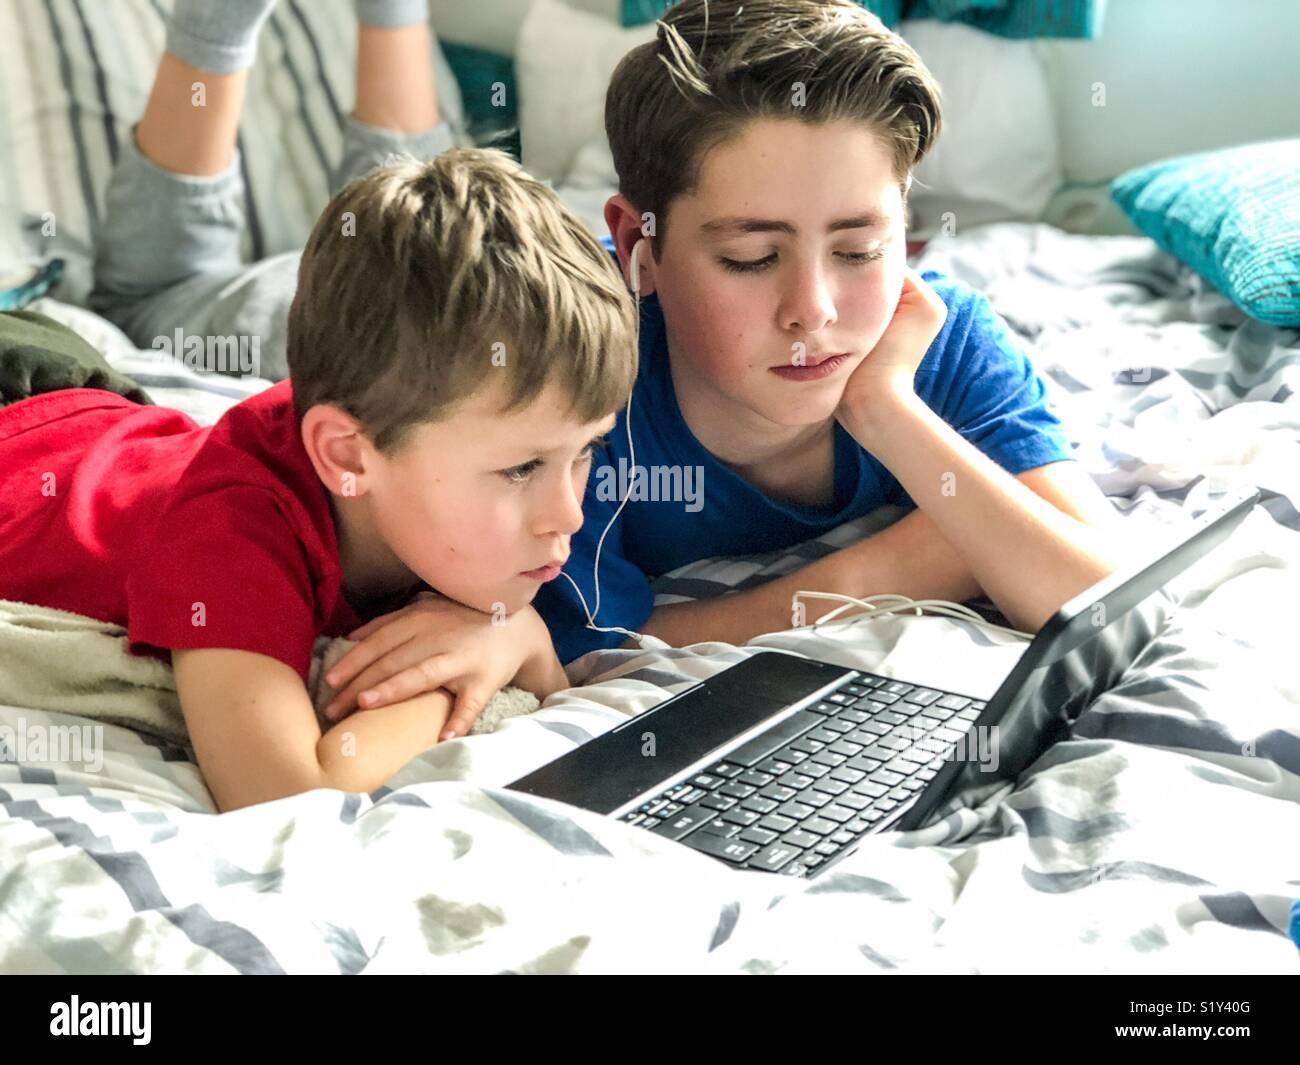 Dos muchachos viendo YouTube en una relajada tarde de domingo en el Reino Unido. Imagen De Stock